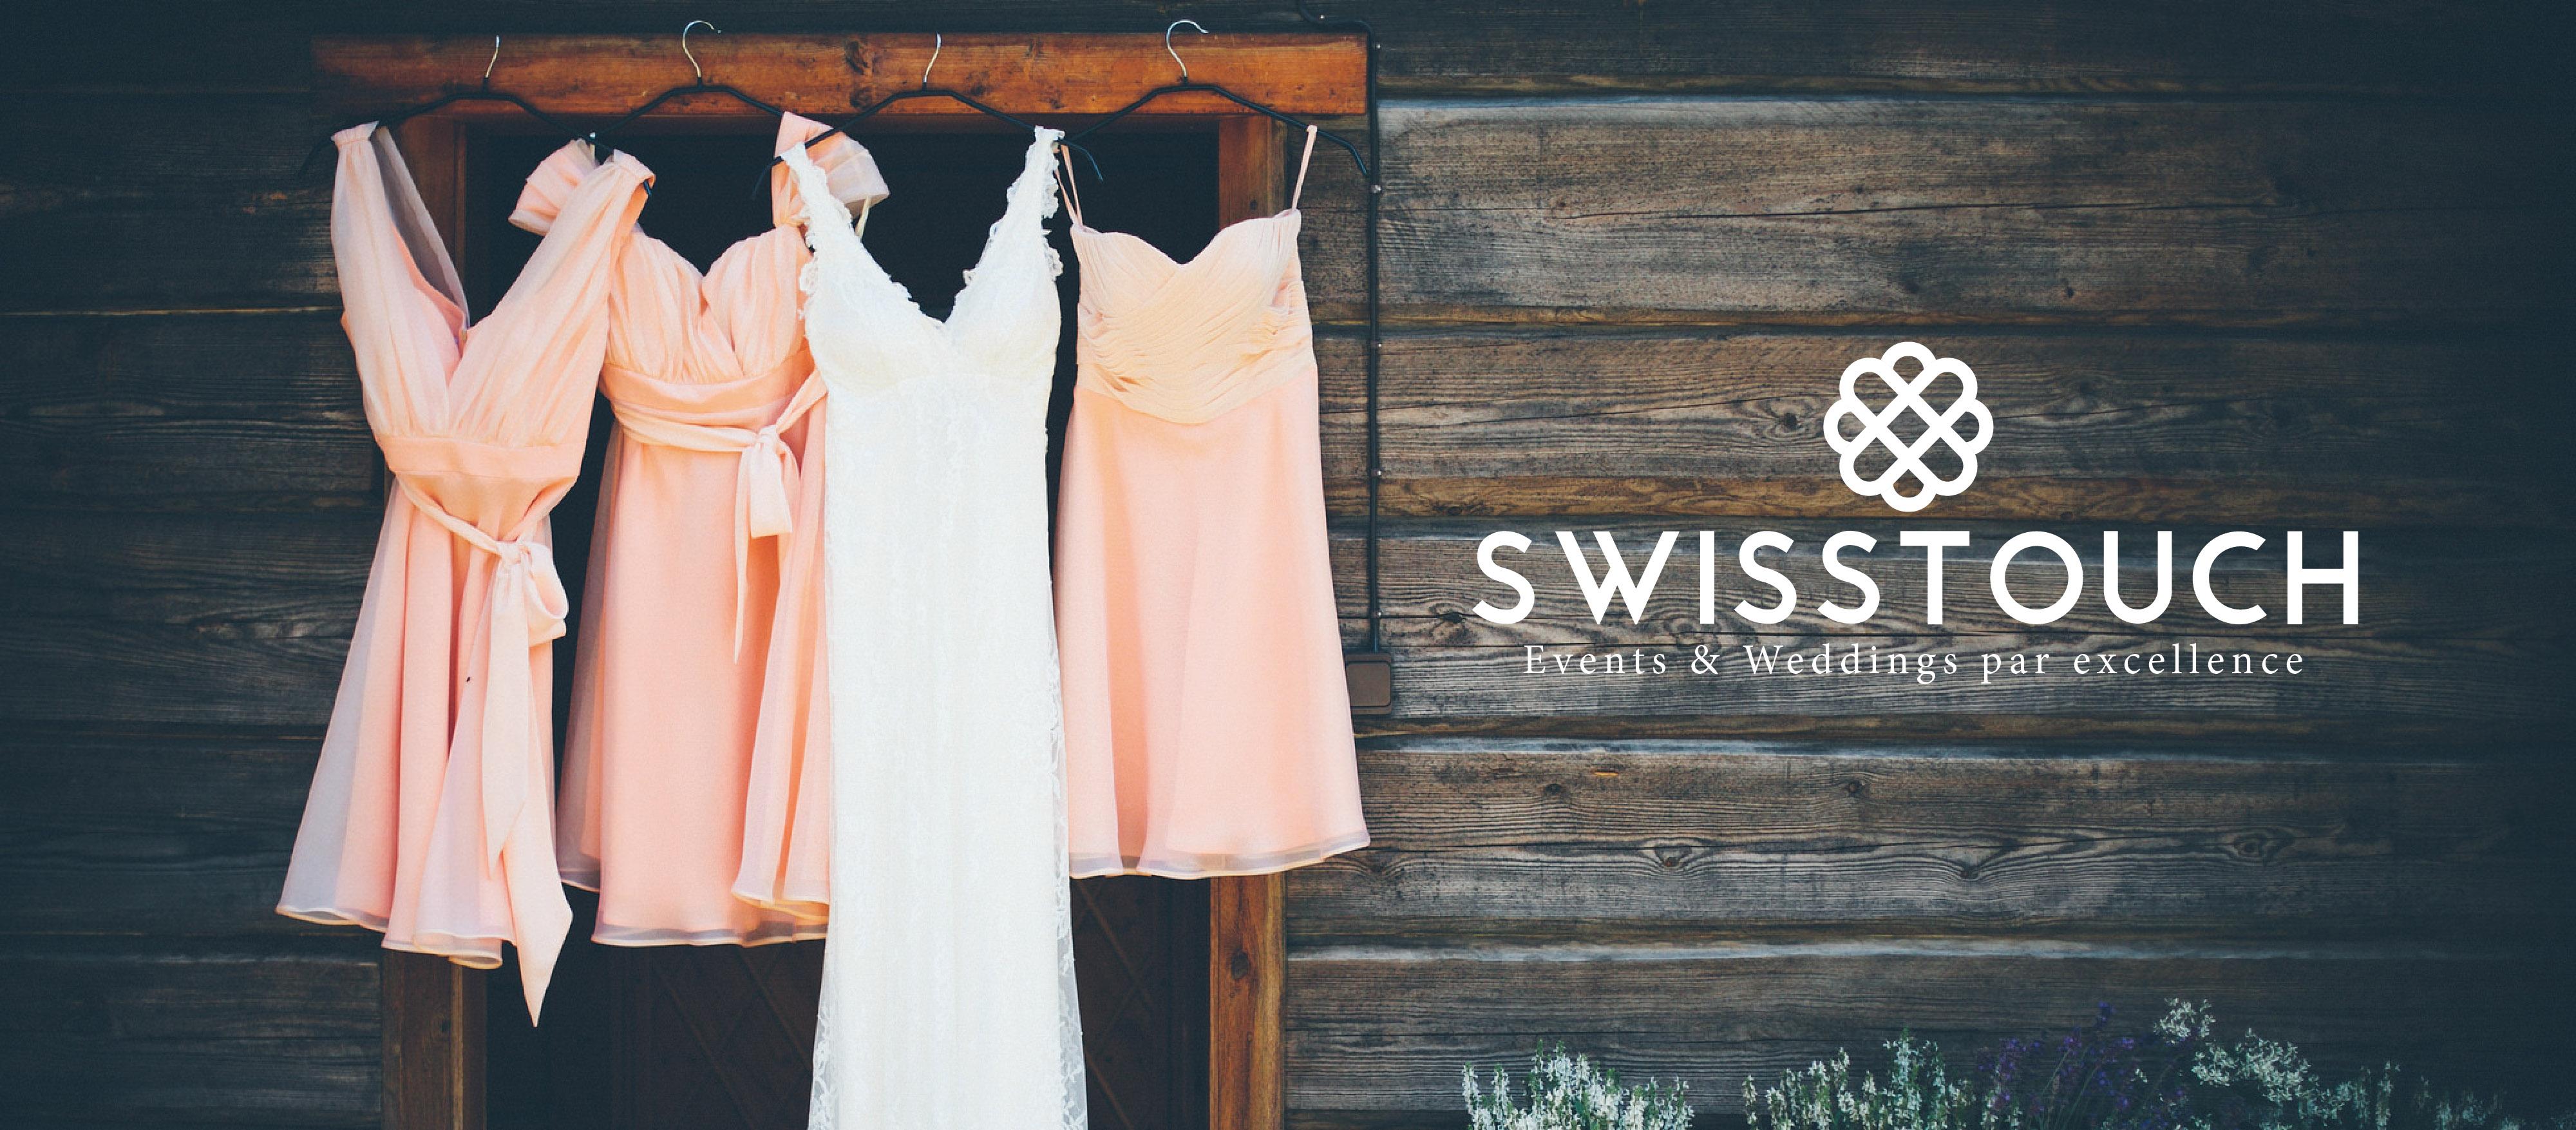 Swisstouch header